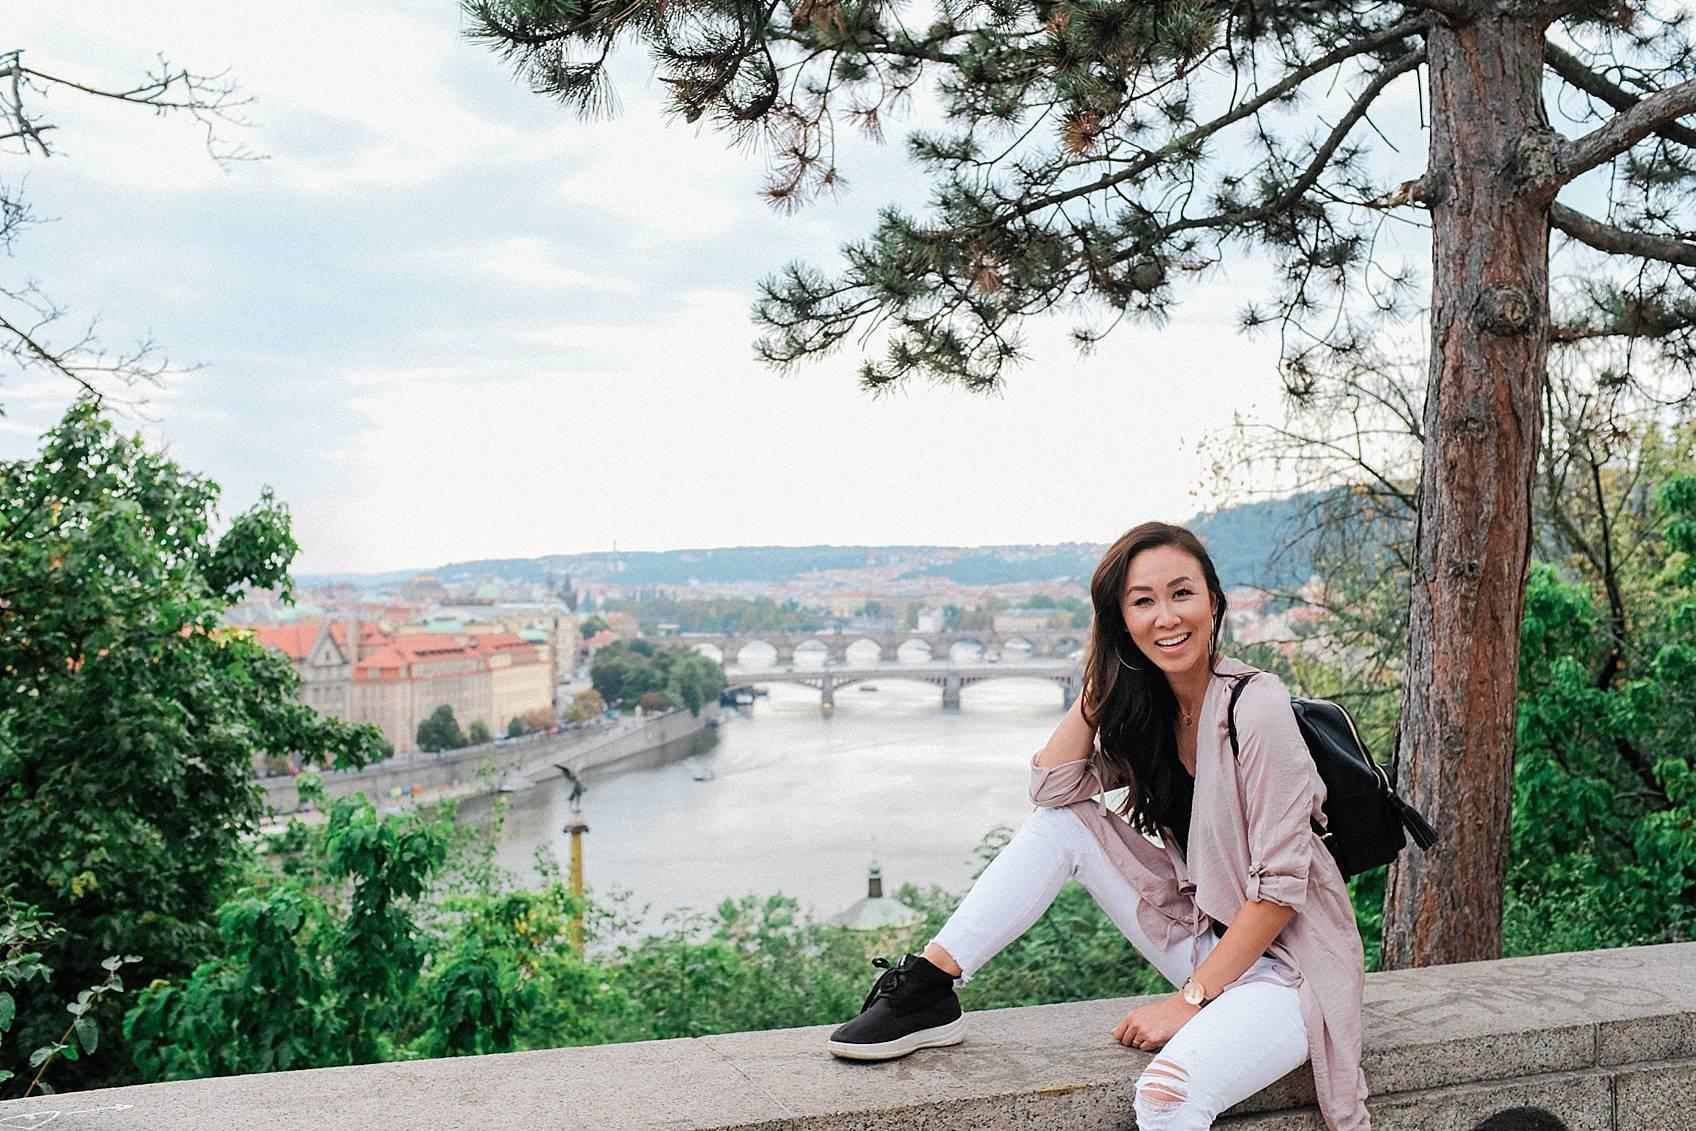 Photo guide to Prague: Letna Park